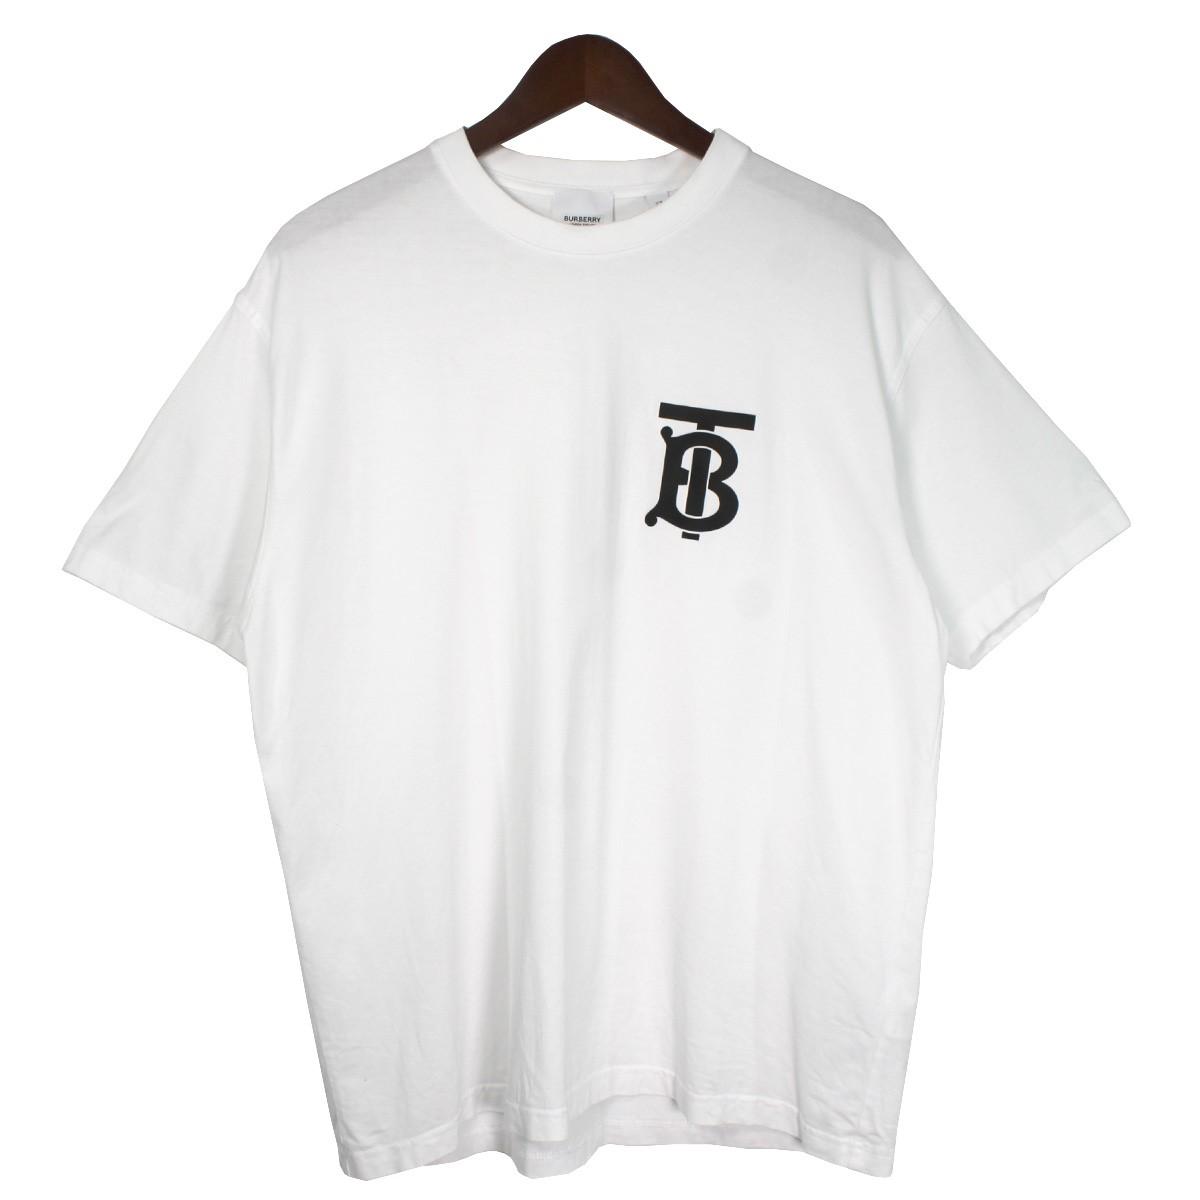 【中古】BURBERRY19SS ロゴTシャツ ホワイト サイズ:XS 【4月6日見直し】